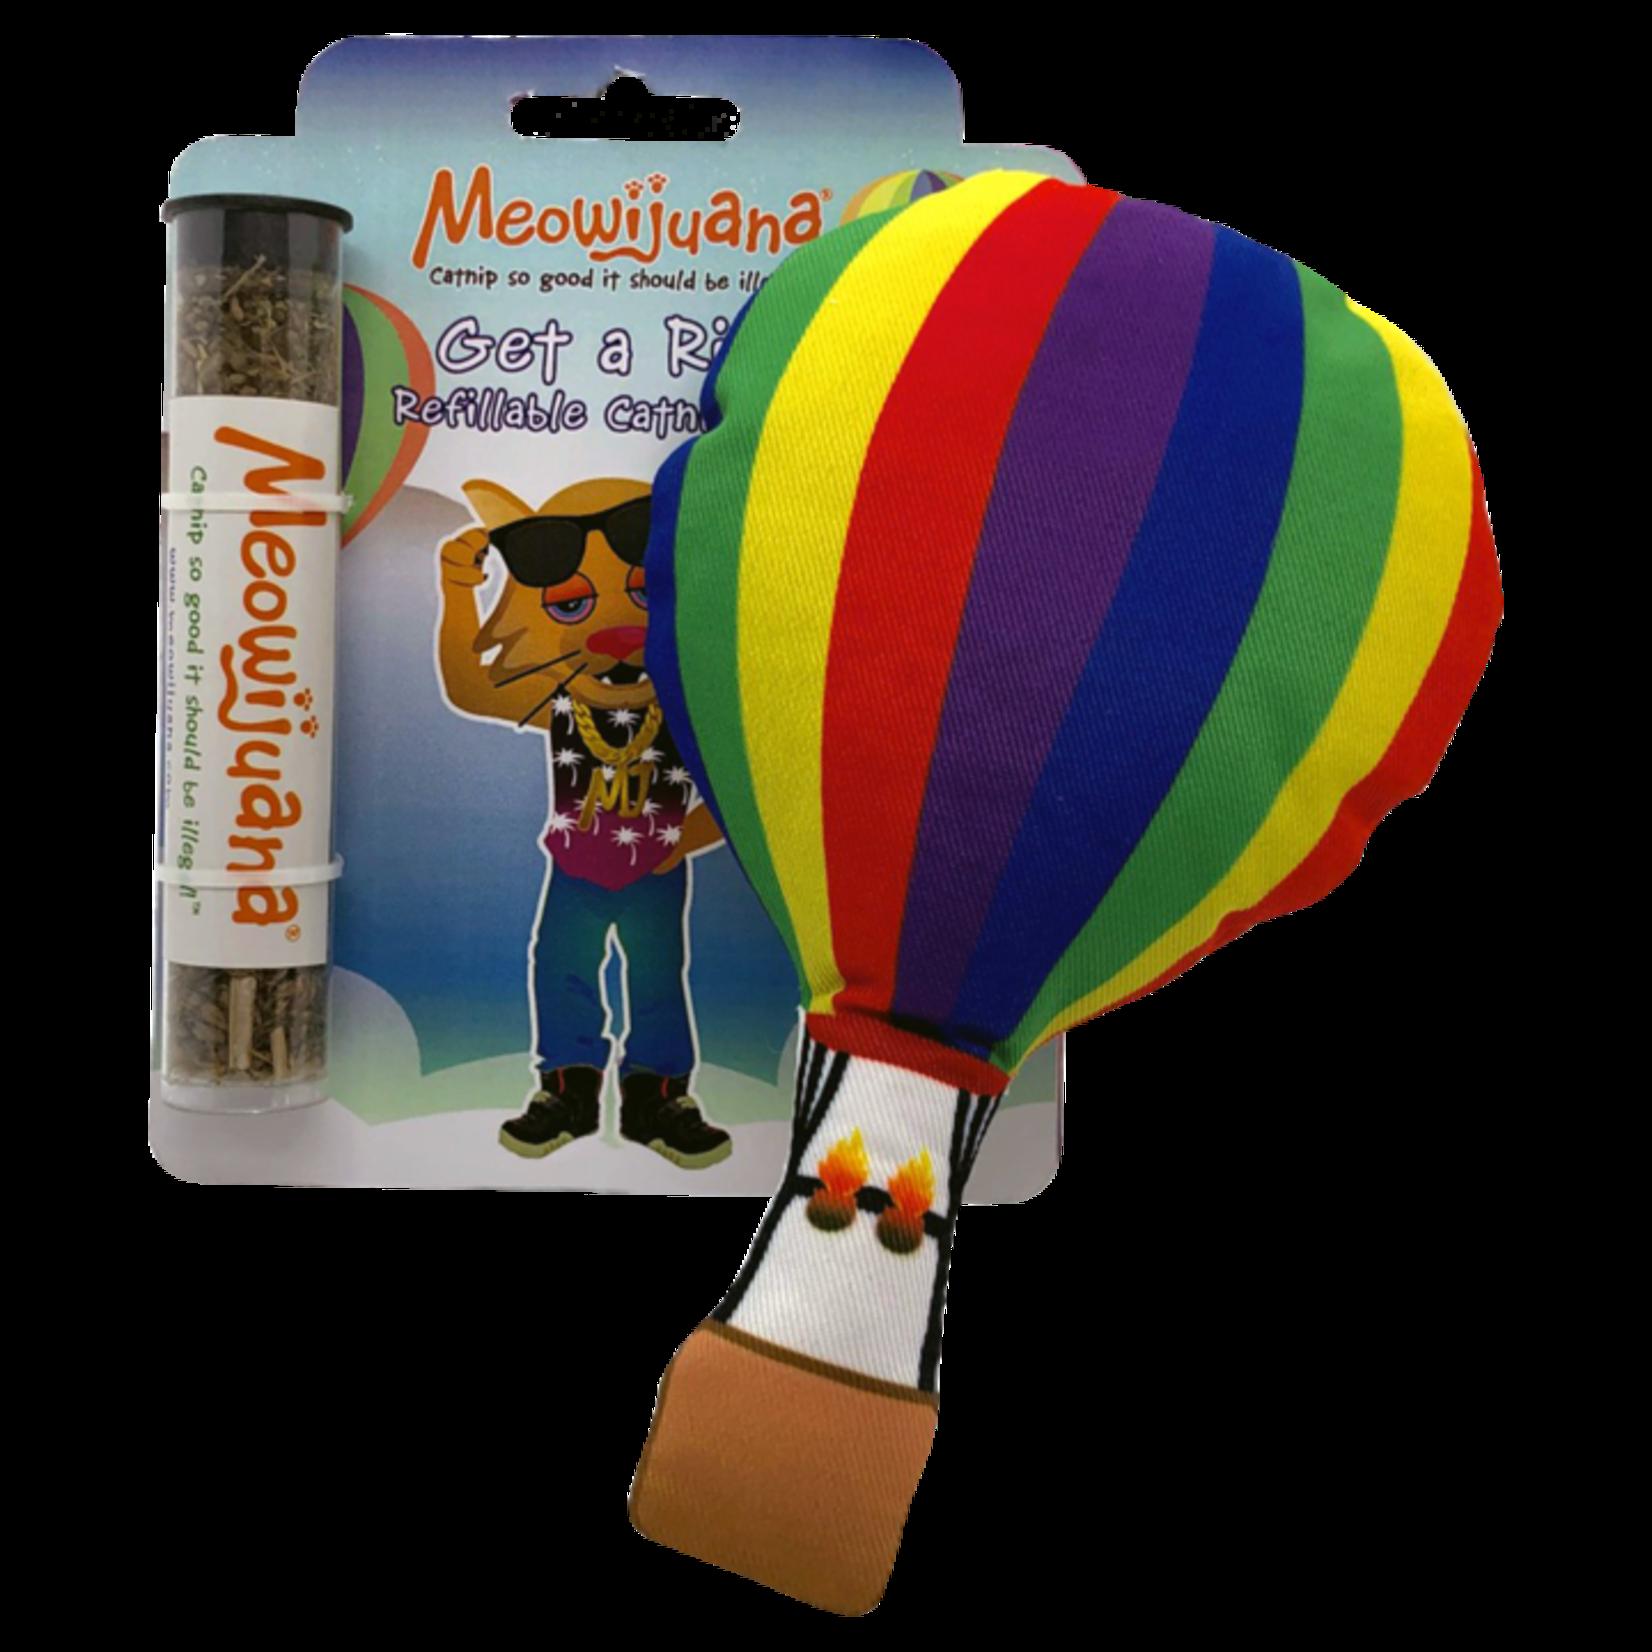 Meowijuana Meowijuana Catnip Get A Rise Balloon